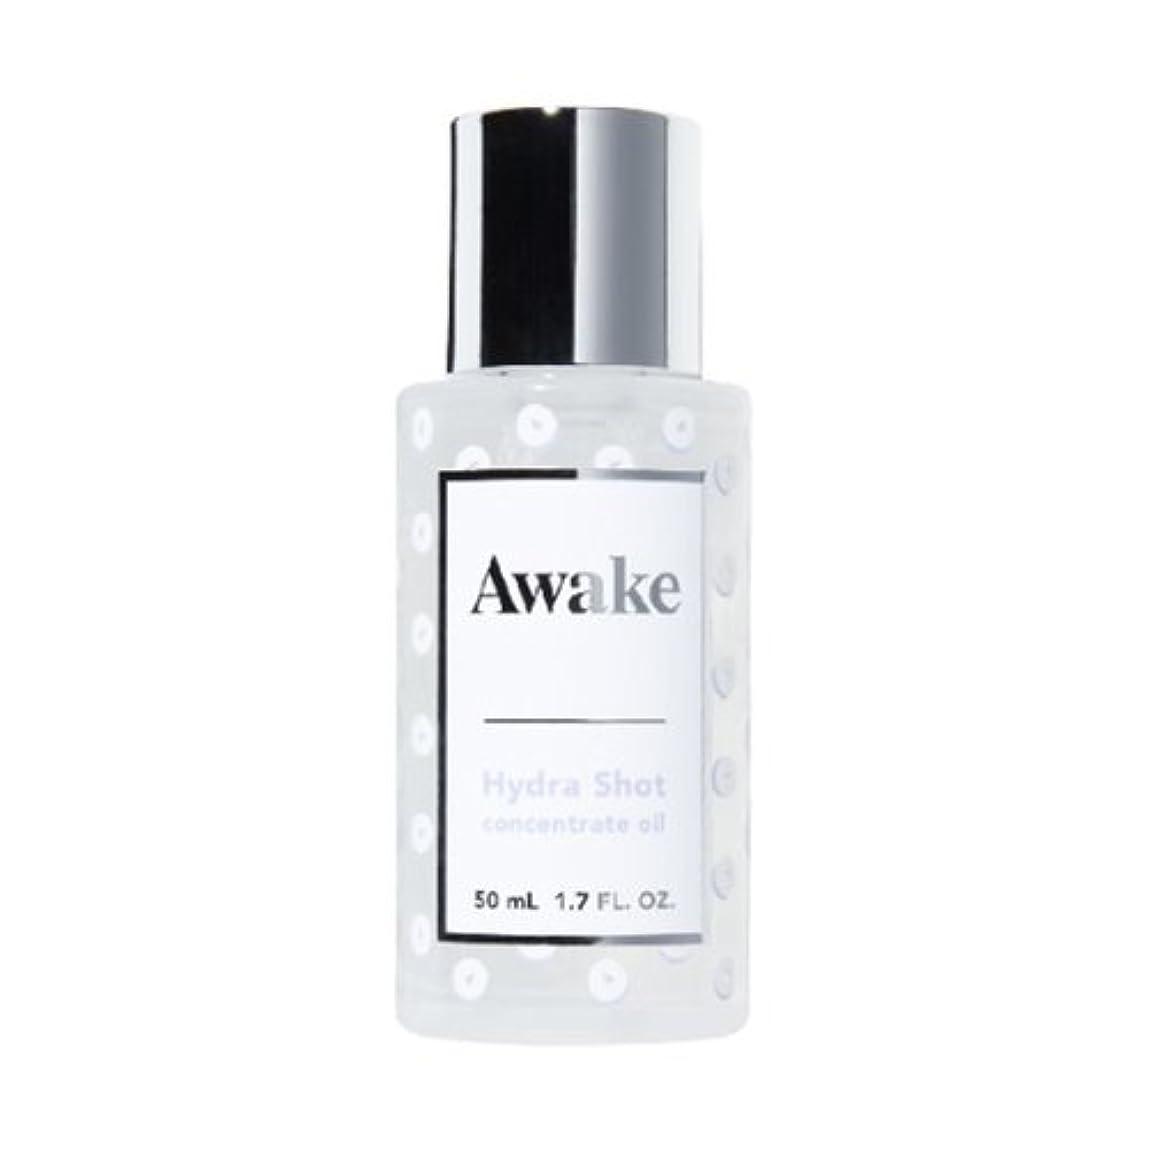 望遠鏡グレートオーク理想的アウェイク(AWAKE) Awake(アウェイク) ハイドラショット コンセントレイトオイル 〈美容オイル〉 (20mL)